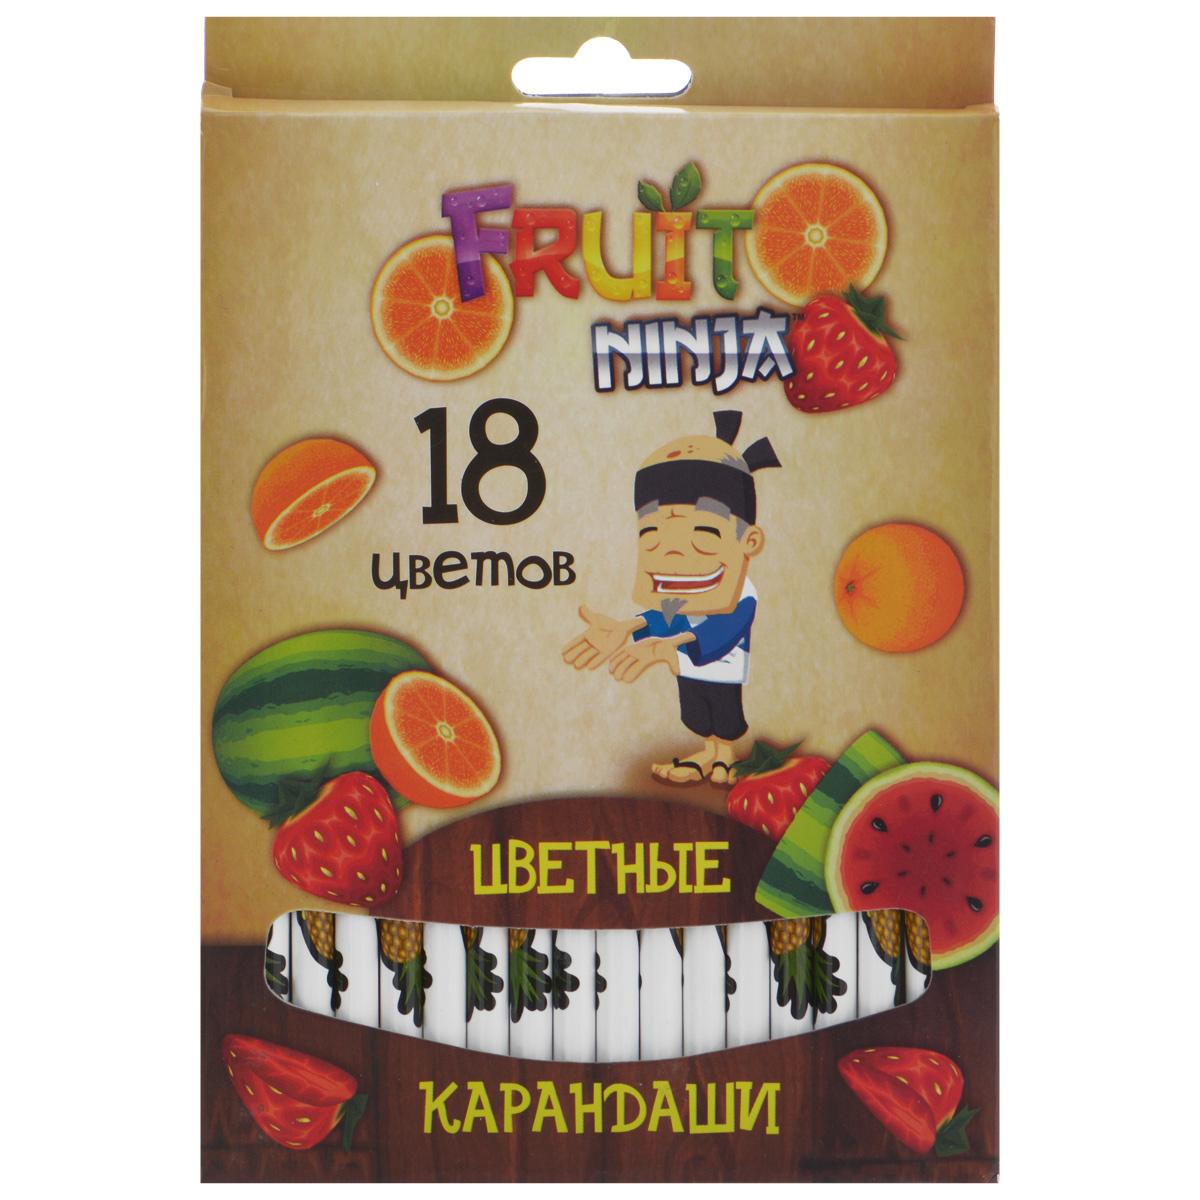 Цветные карандаши Action! Fruit Ninja, 18 цветовB96218Цветные карандаши Action! Fruit Ninja - идеальный инструмент для самовыражения иразвития маленького художника!Корпус карандашей выполнен извысококачественной древесины и оформлен изображением сочных фруктов и логотипомигры Fruit Ninja. Карандаши обладают яркими насыщенными цветами, а мягкийгрифель позволяет штрихам легко ложиться на бумагу. Они уже заточены, поэтому все,что нужно для рисования, - это взять чистый лист бумаги, и можно начинать! Комплект включает 18 карандашей разных цветов, упакованных в коробку, украшеннуюизображением фруктов и героя игры Fruit Ninja.